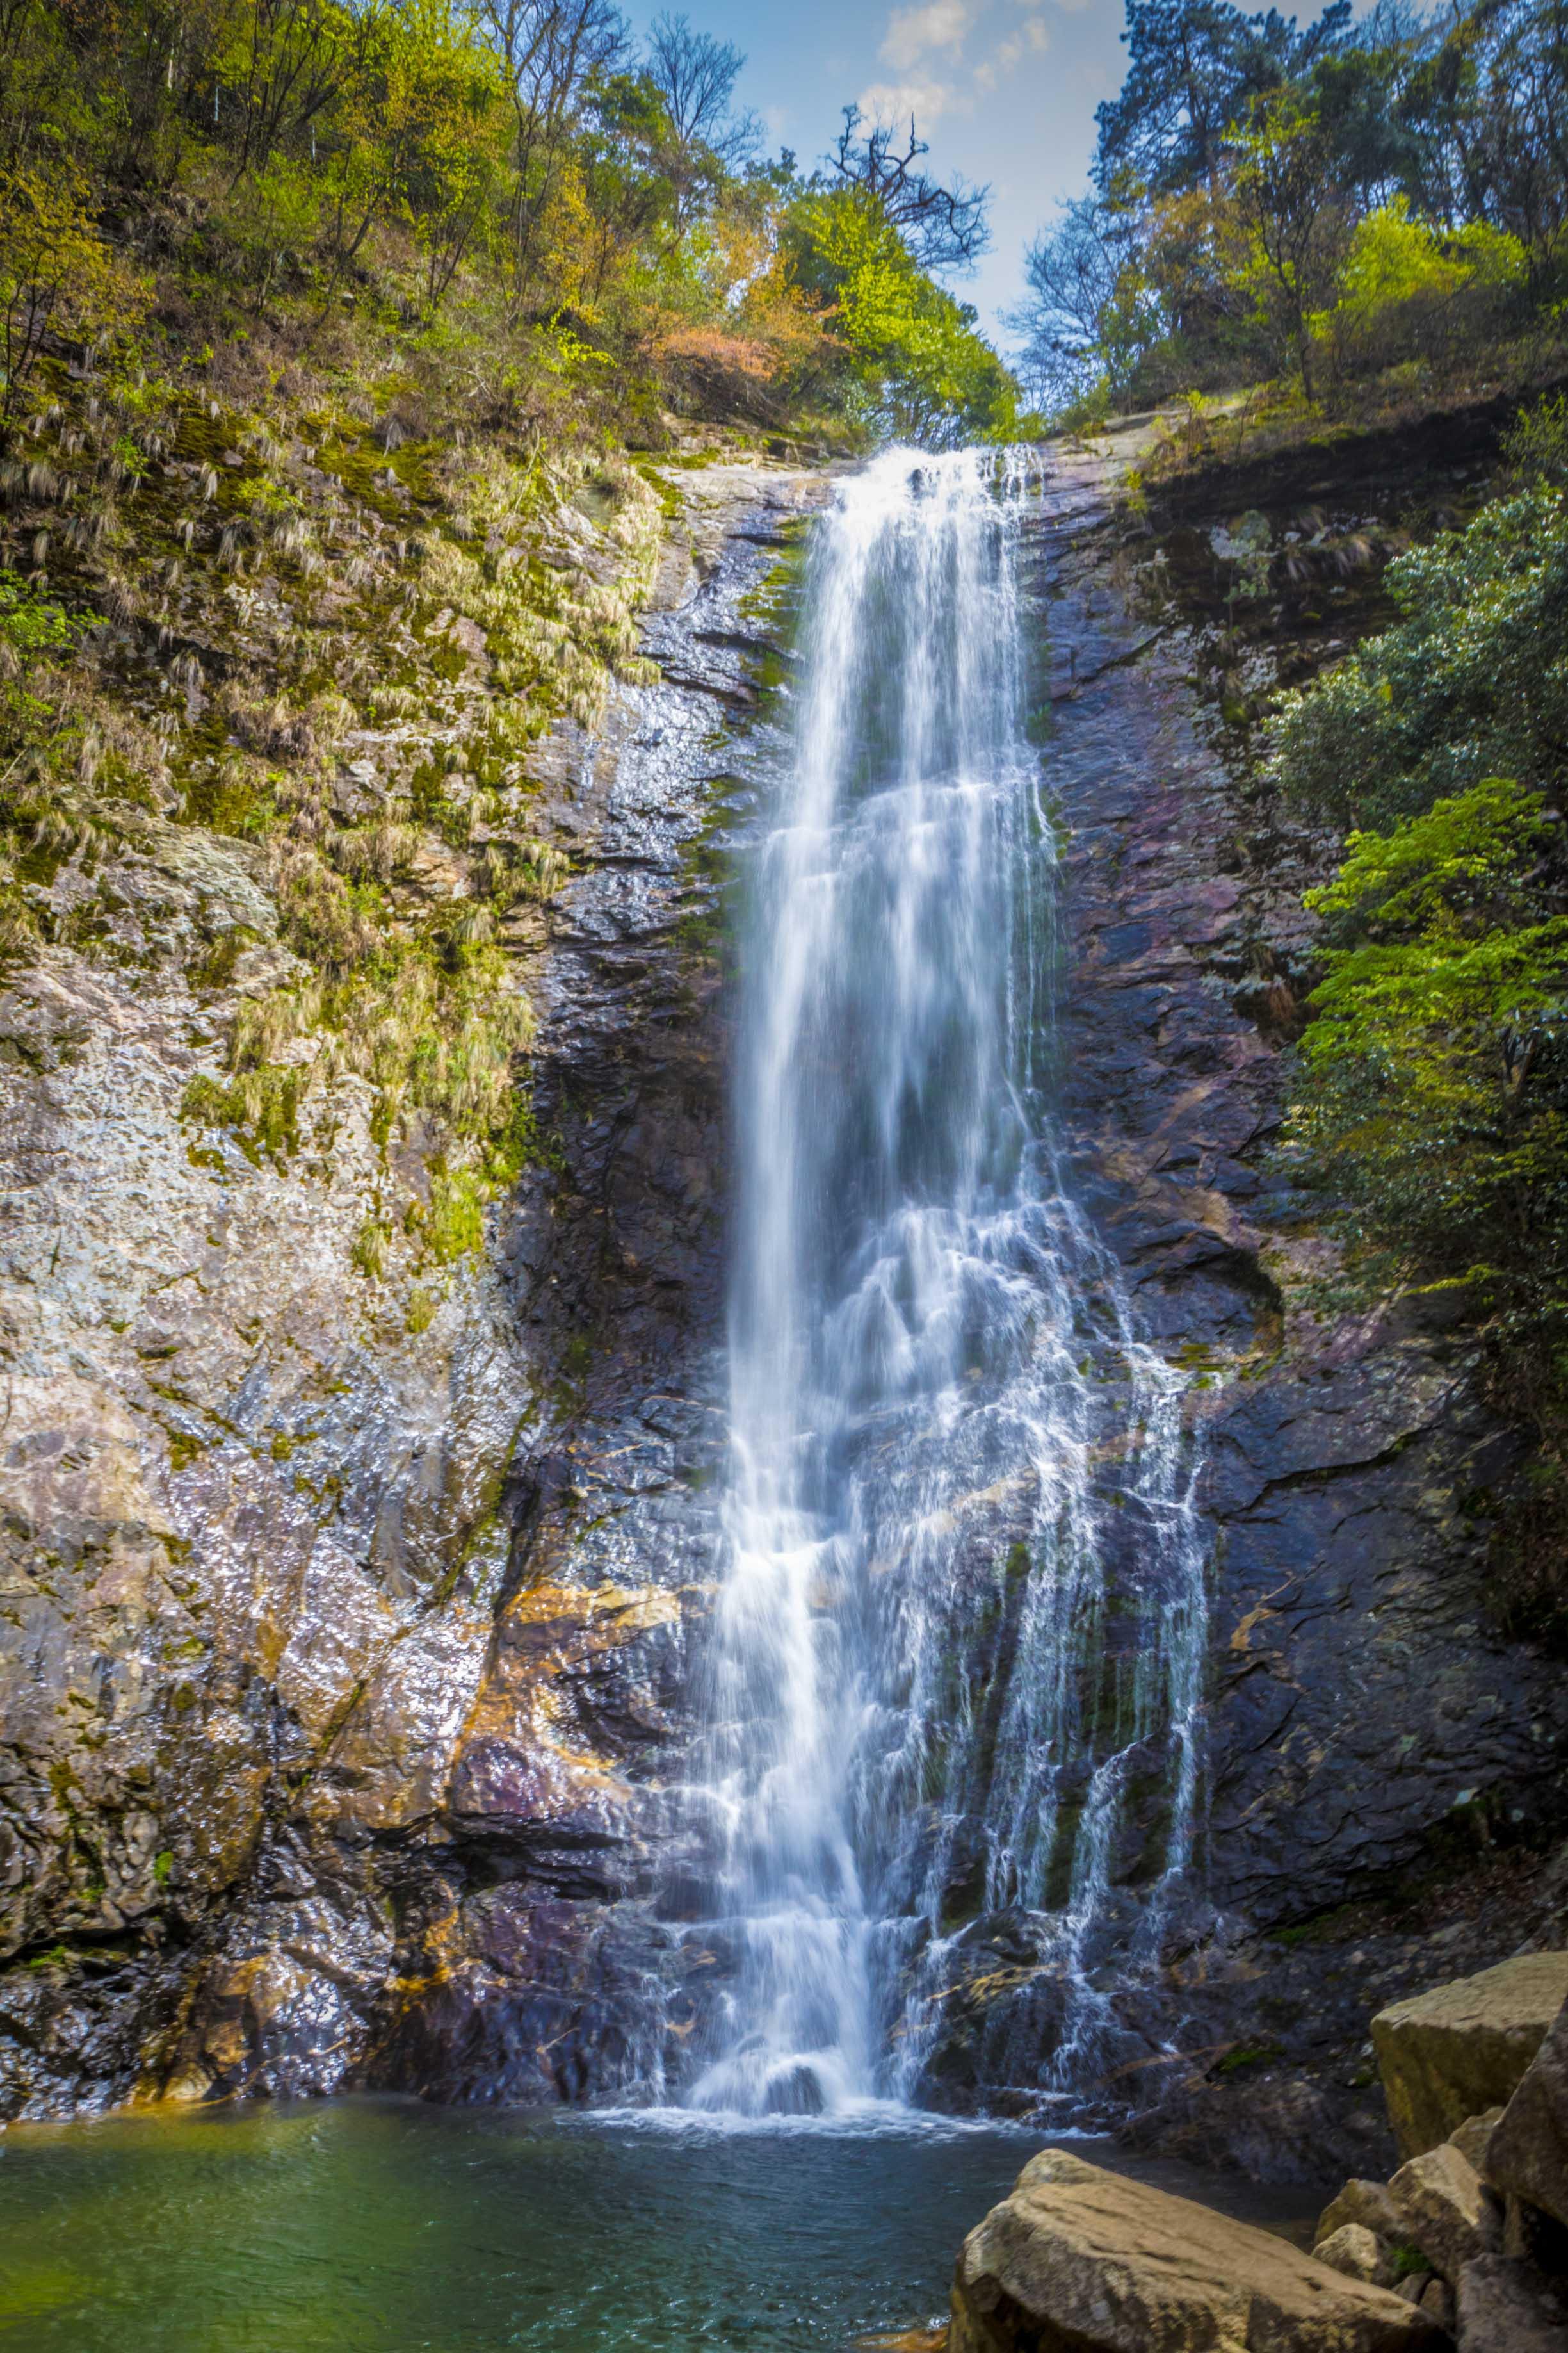 壁纸 风景 旅游 瀑布 山水 桌面 2449_3674 竖版 竖屏 手机